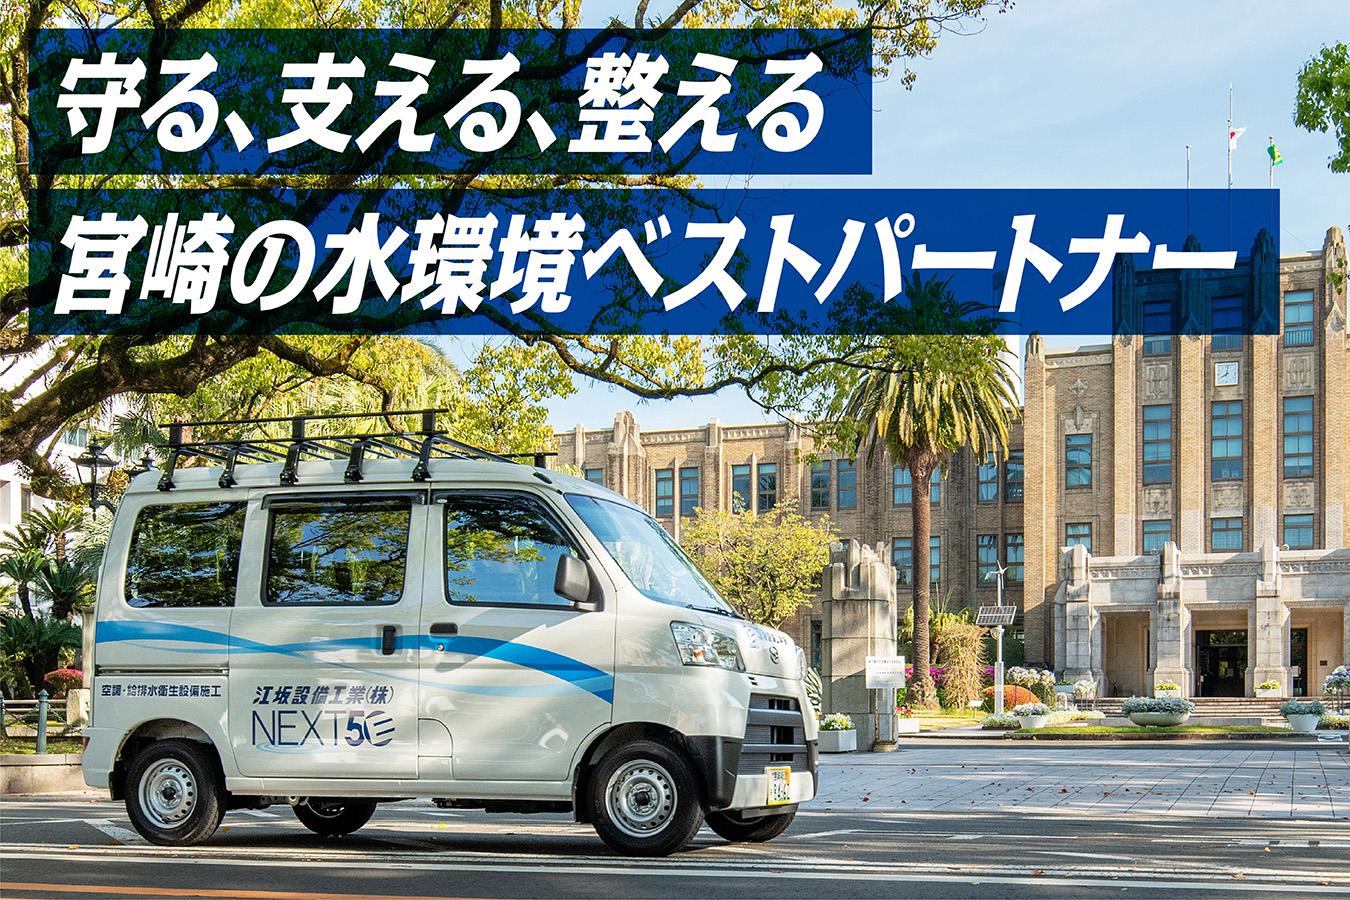 守る、支える、整える 宮崎の水環境ベストパートナー